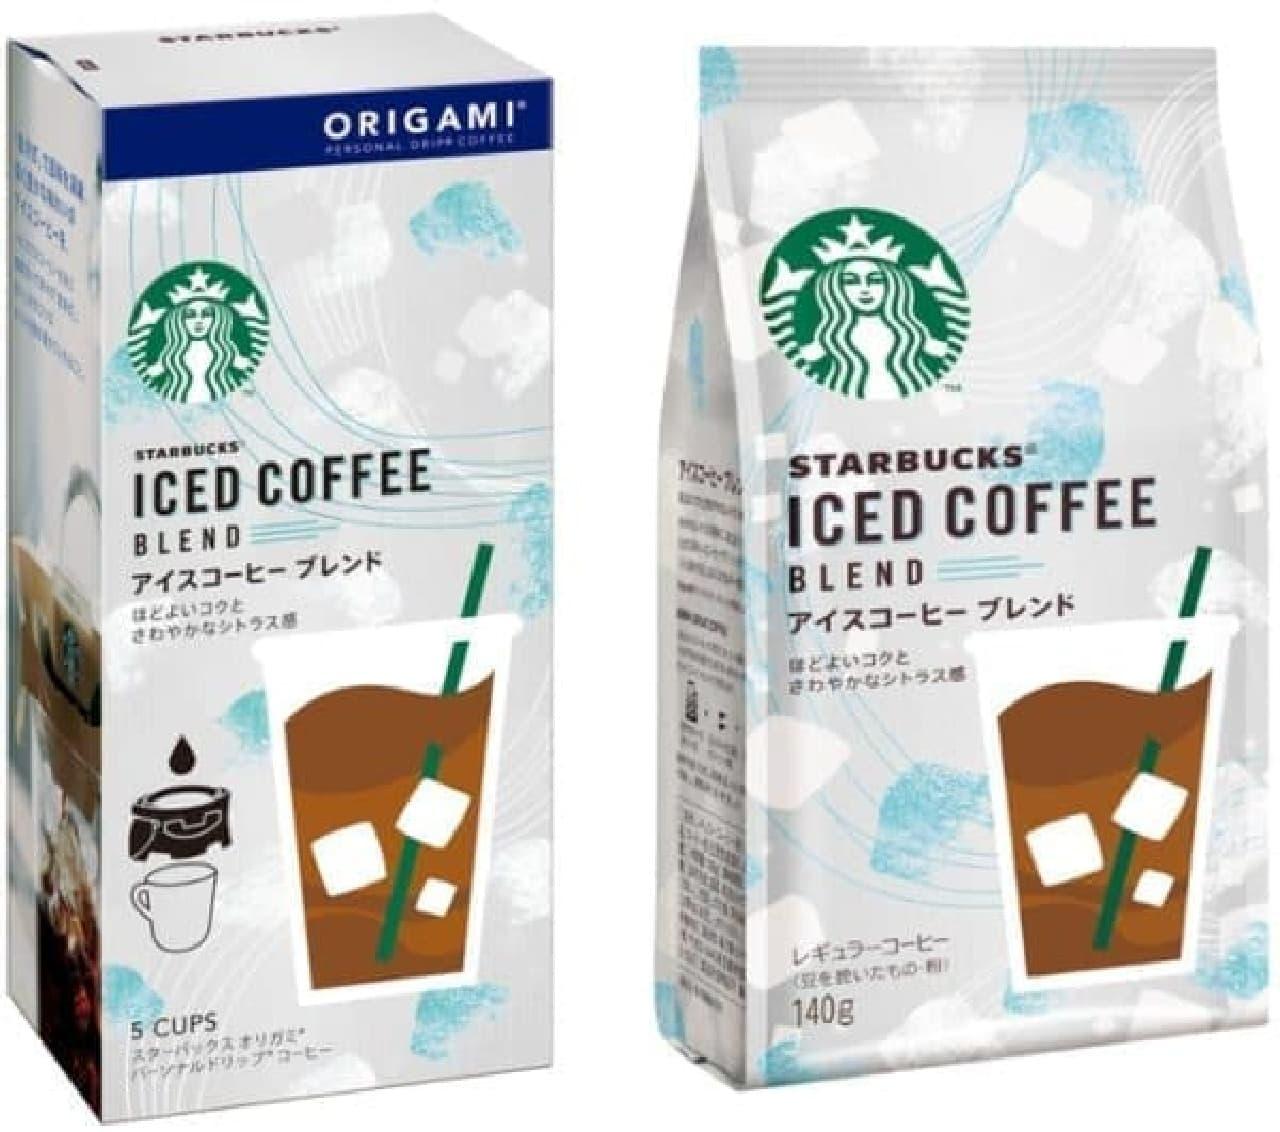 スターバックス コーヒー「アイスコーヒー ブレンド」